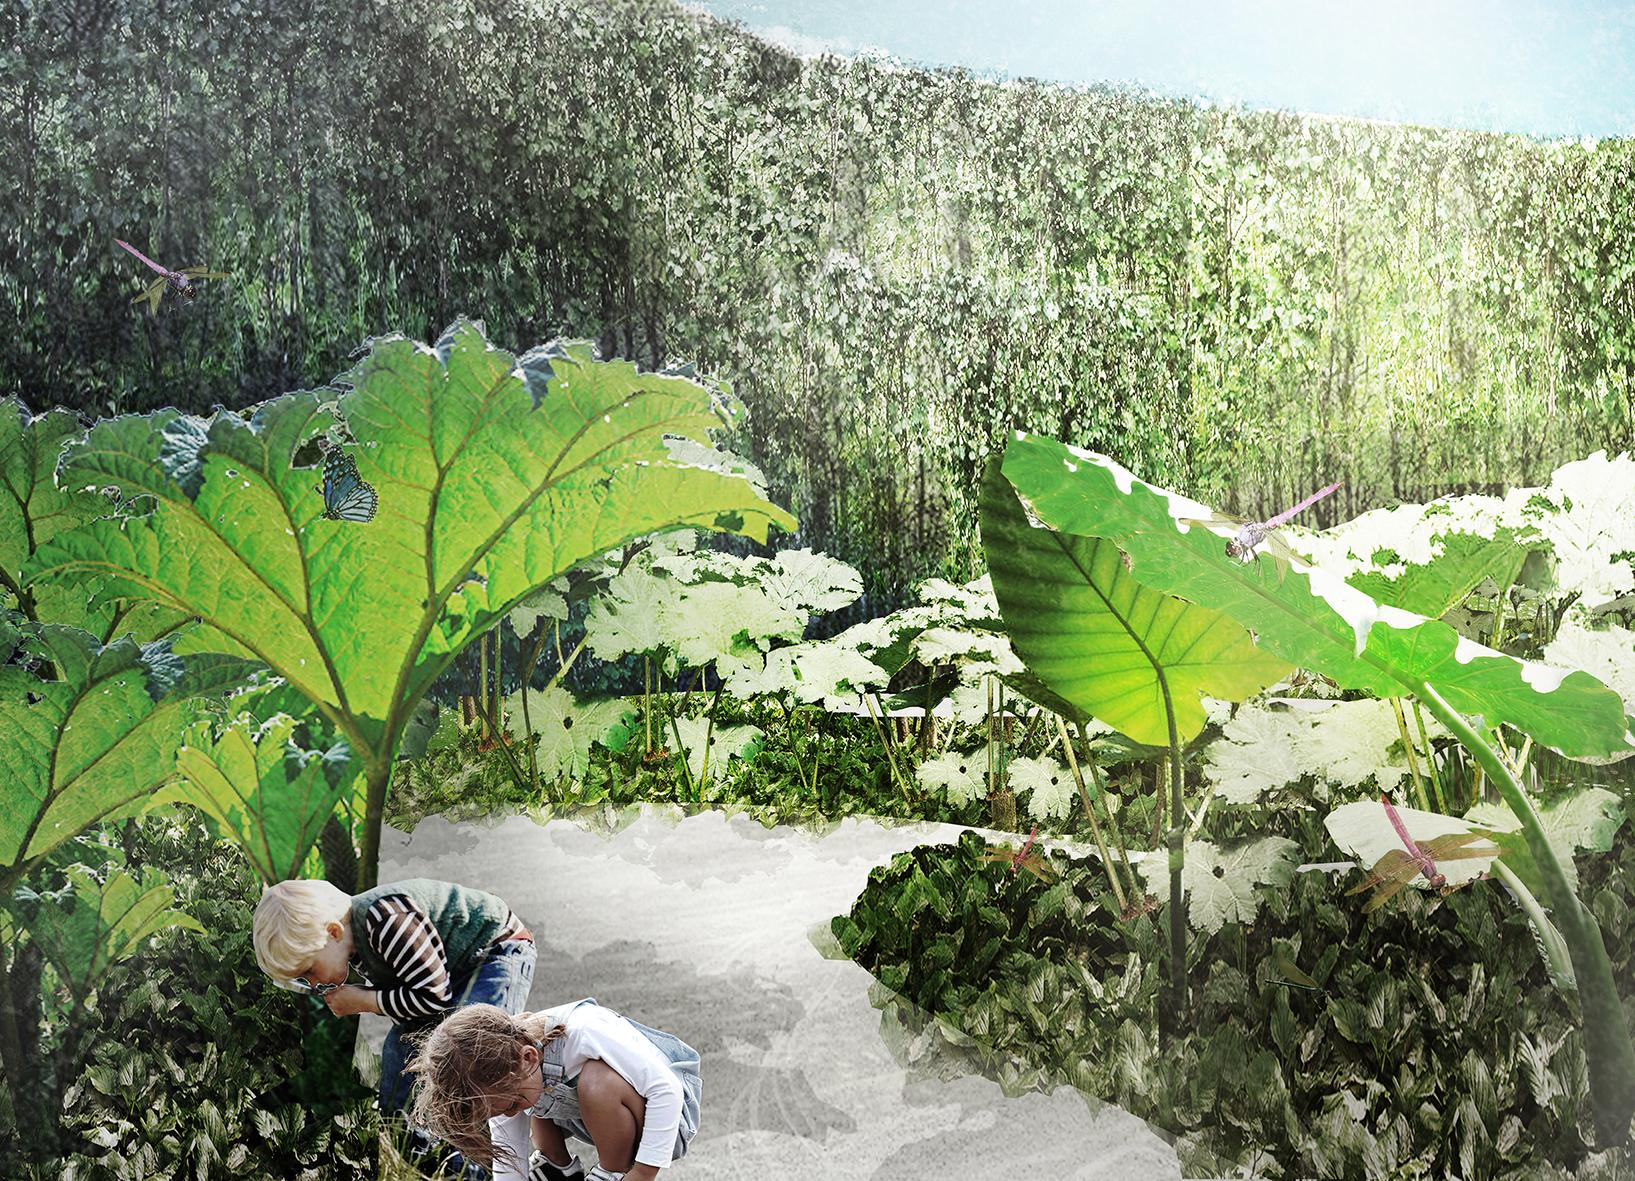 Rendering, H.C.Andersen Haven The Giant garden © Kengo Kuma & Associates, Cornelius Vöge, MASU Planning